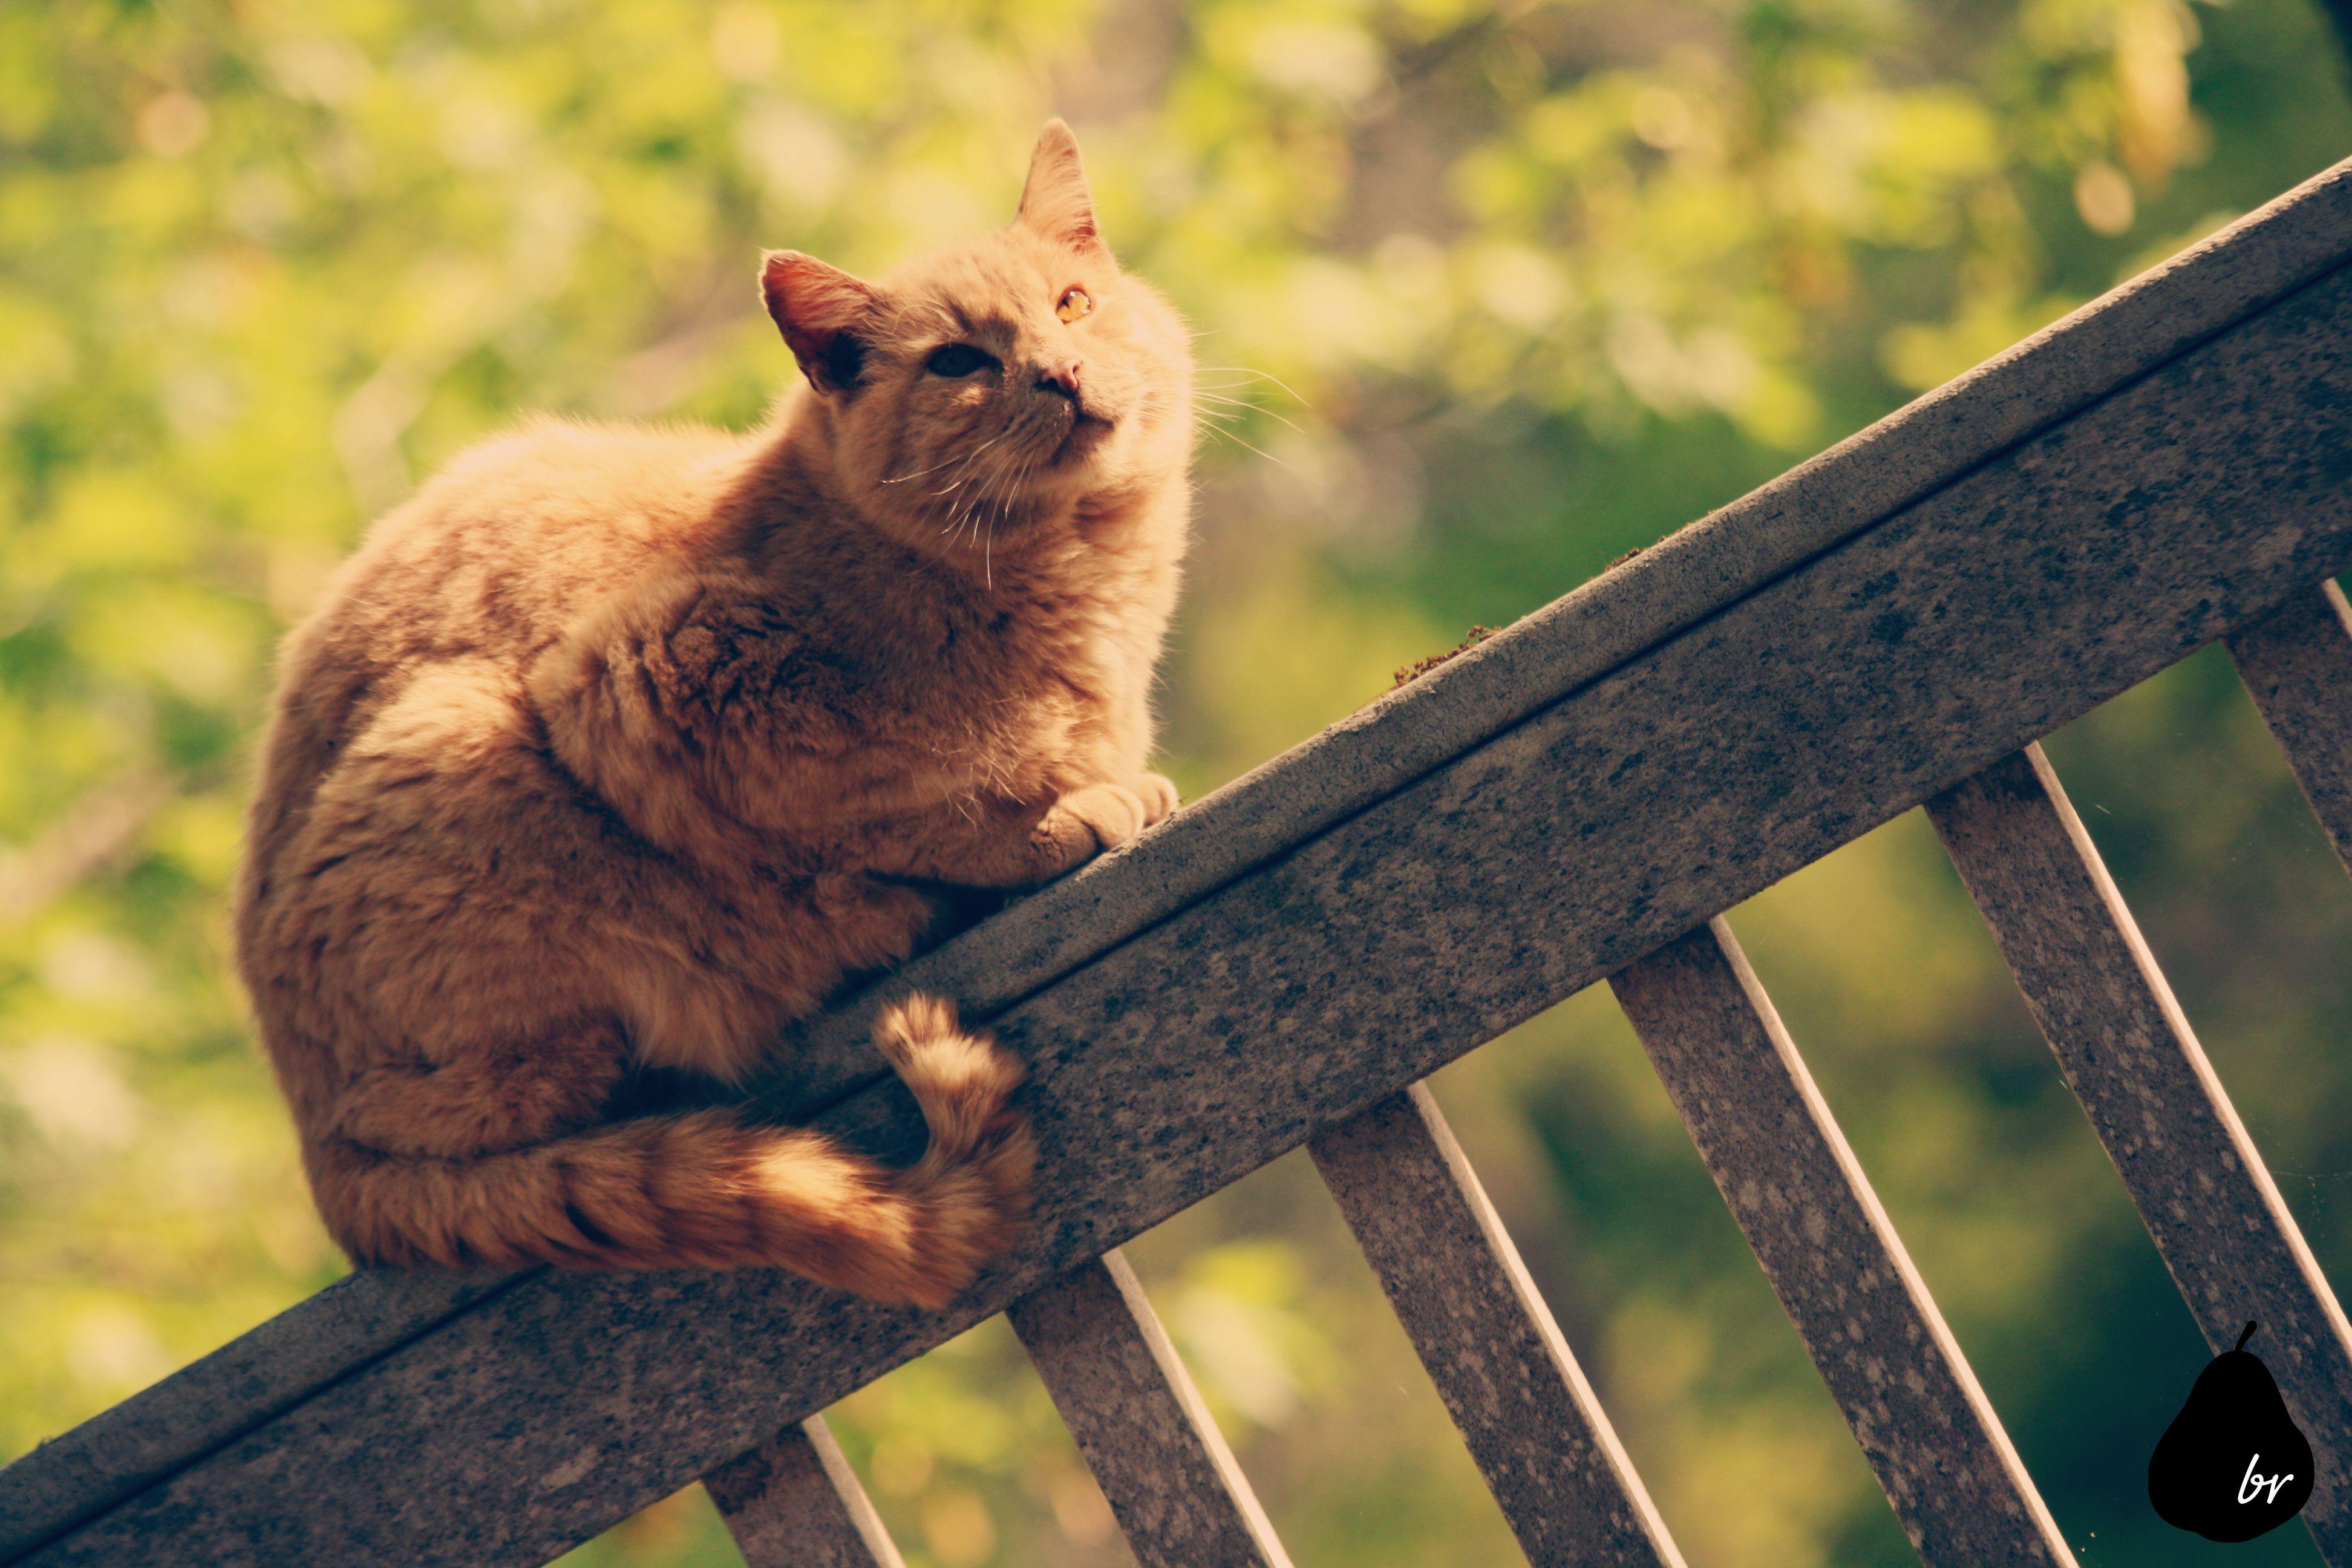 another orange tabby cat Pets, Tabby cat, Orange tabby cats